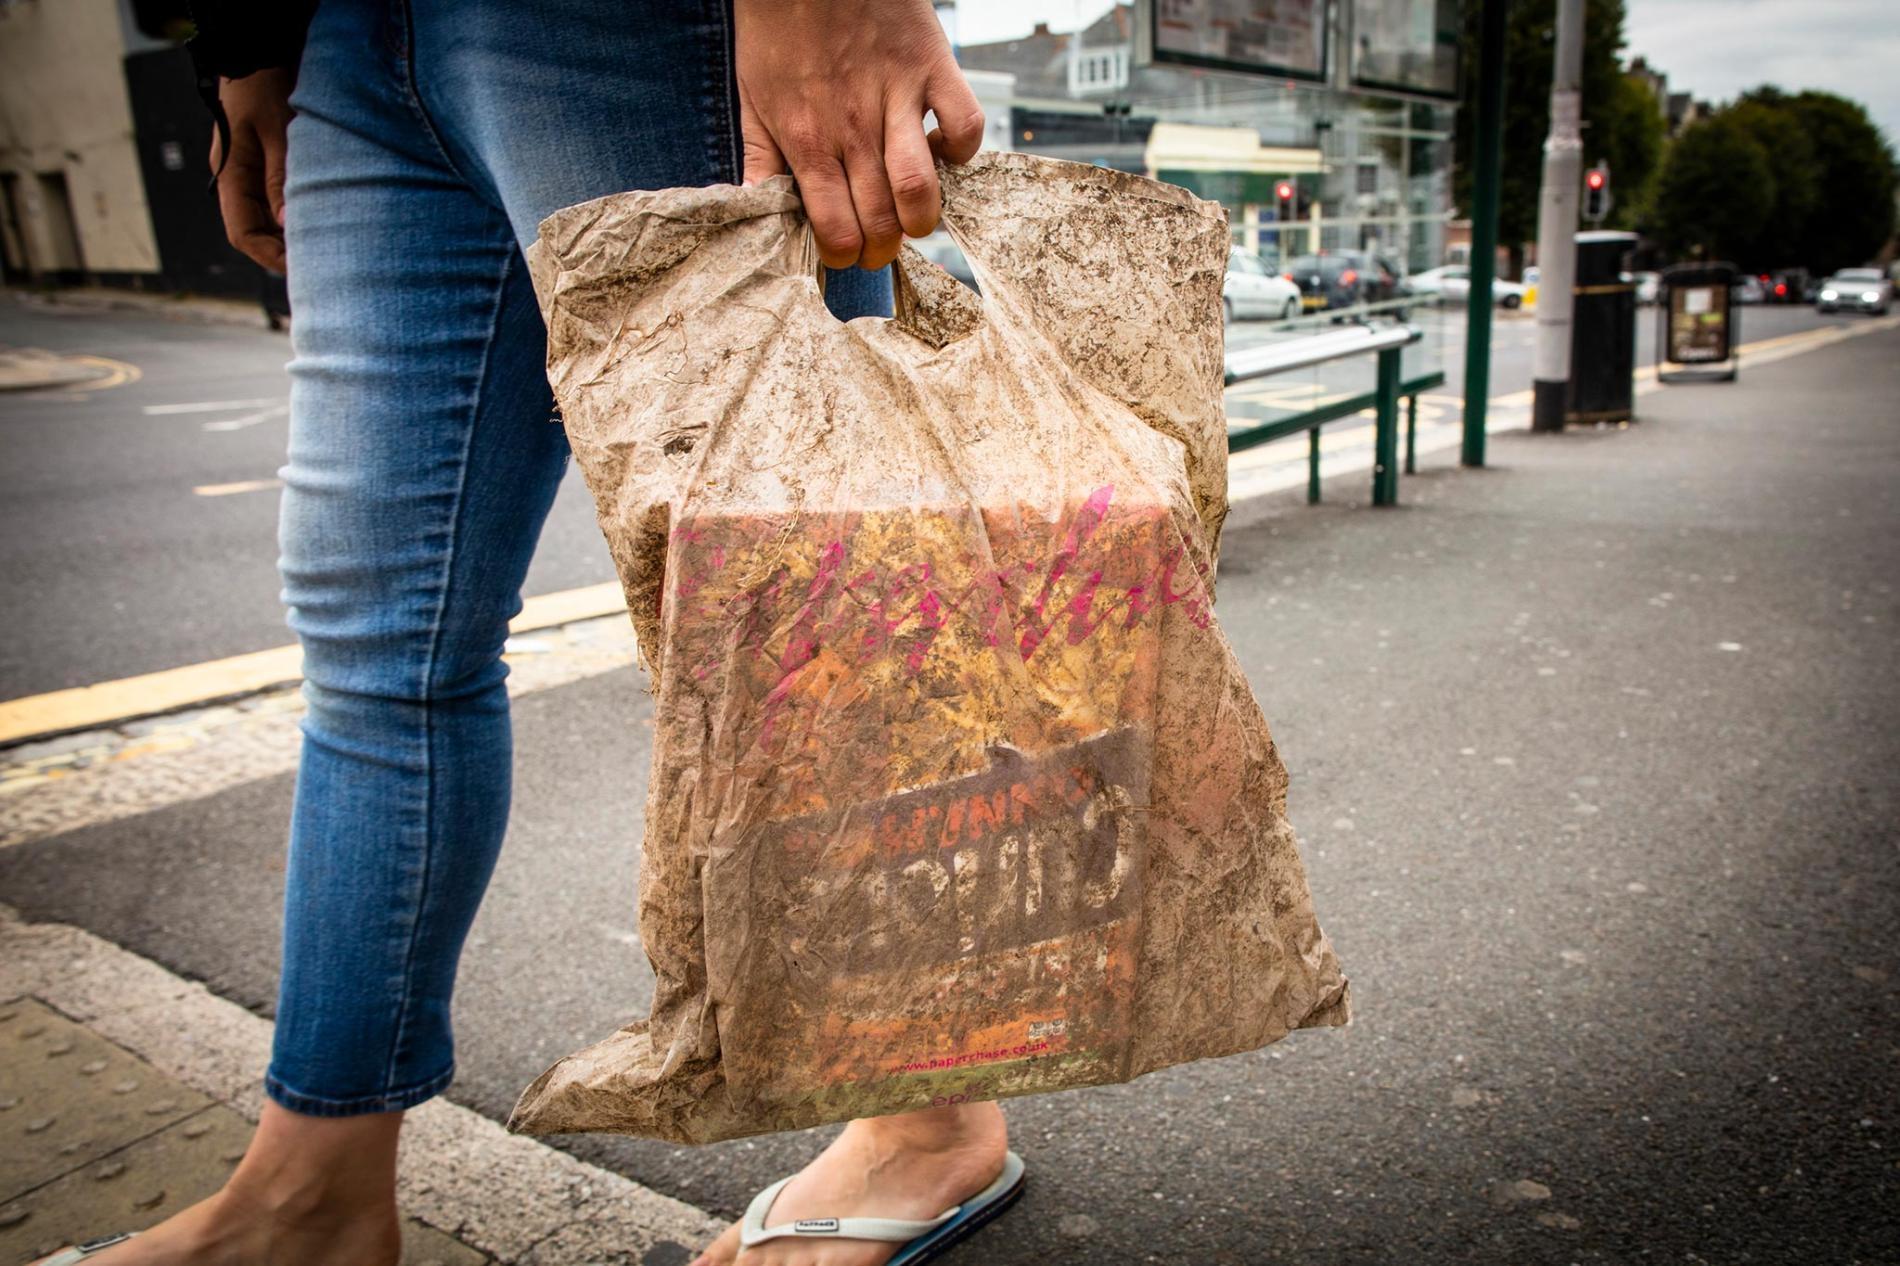 一個在土中埋了三年的塑膠購物袋還是能裝一堆食品雜貨。PHOTOGRAPH BY LLOYD RUSSELL, UNIVERSITY OF PLYMOUTH